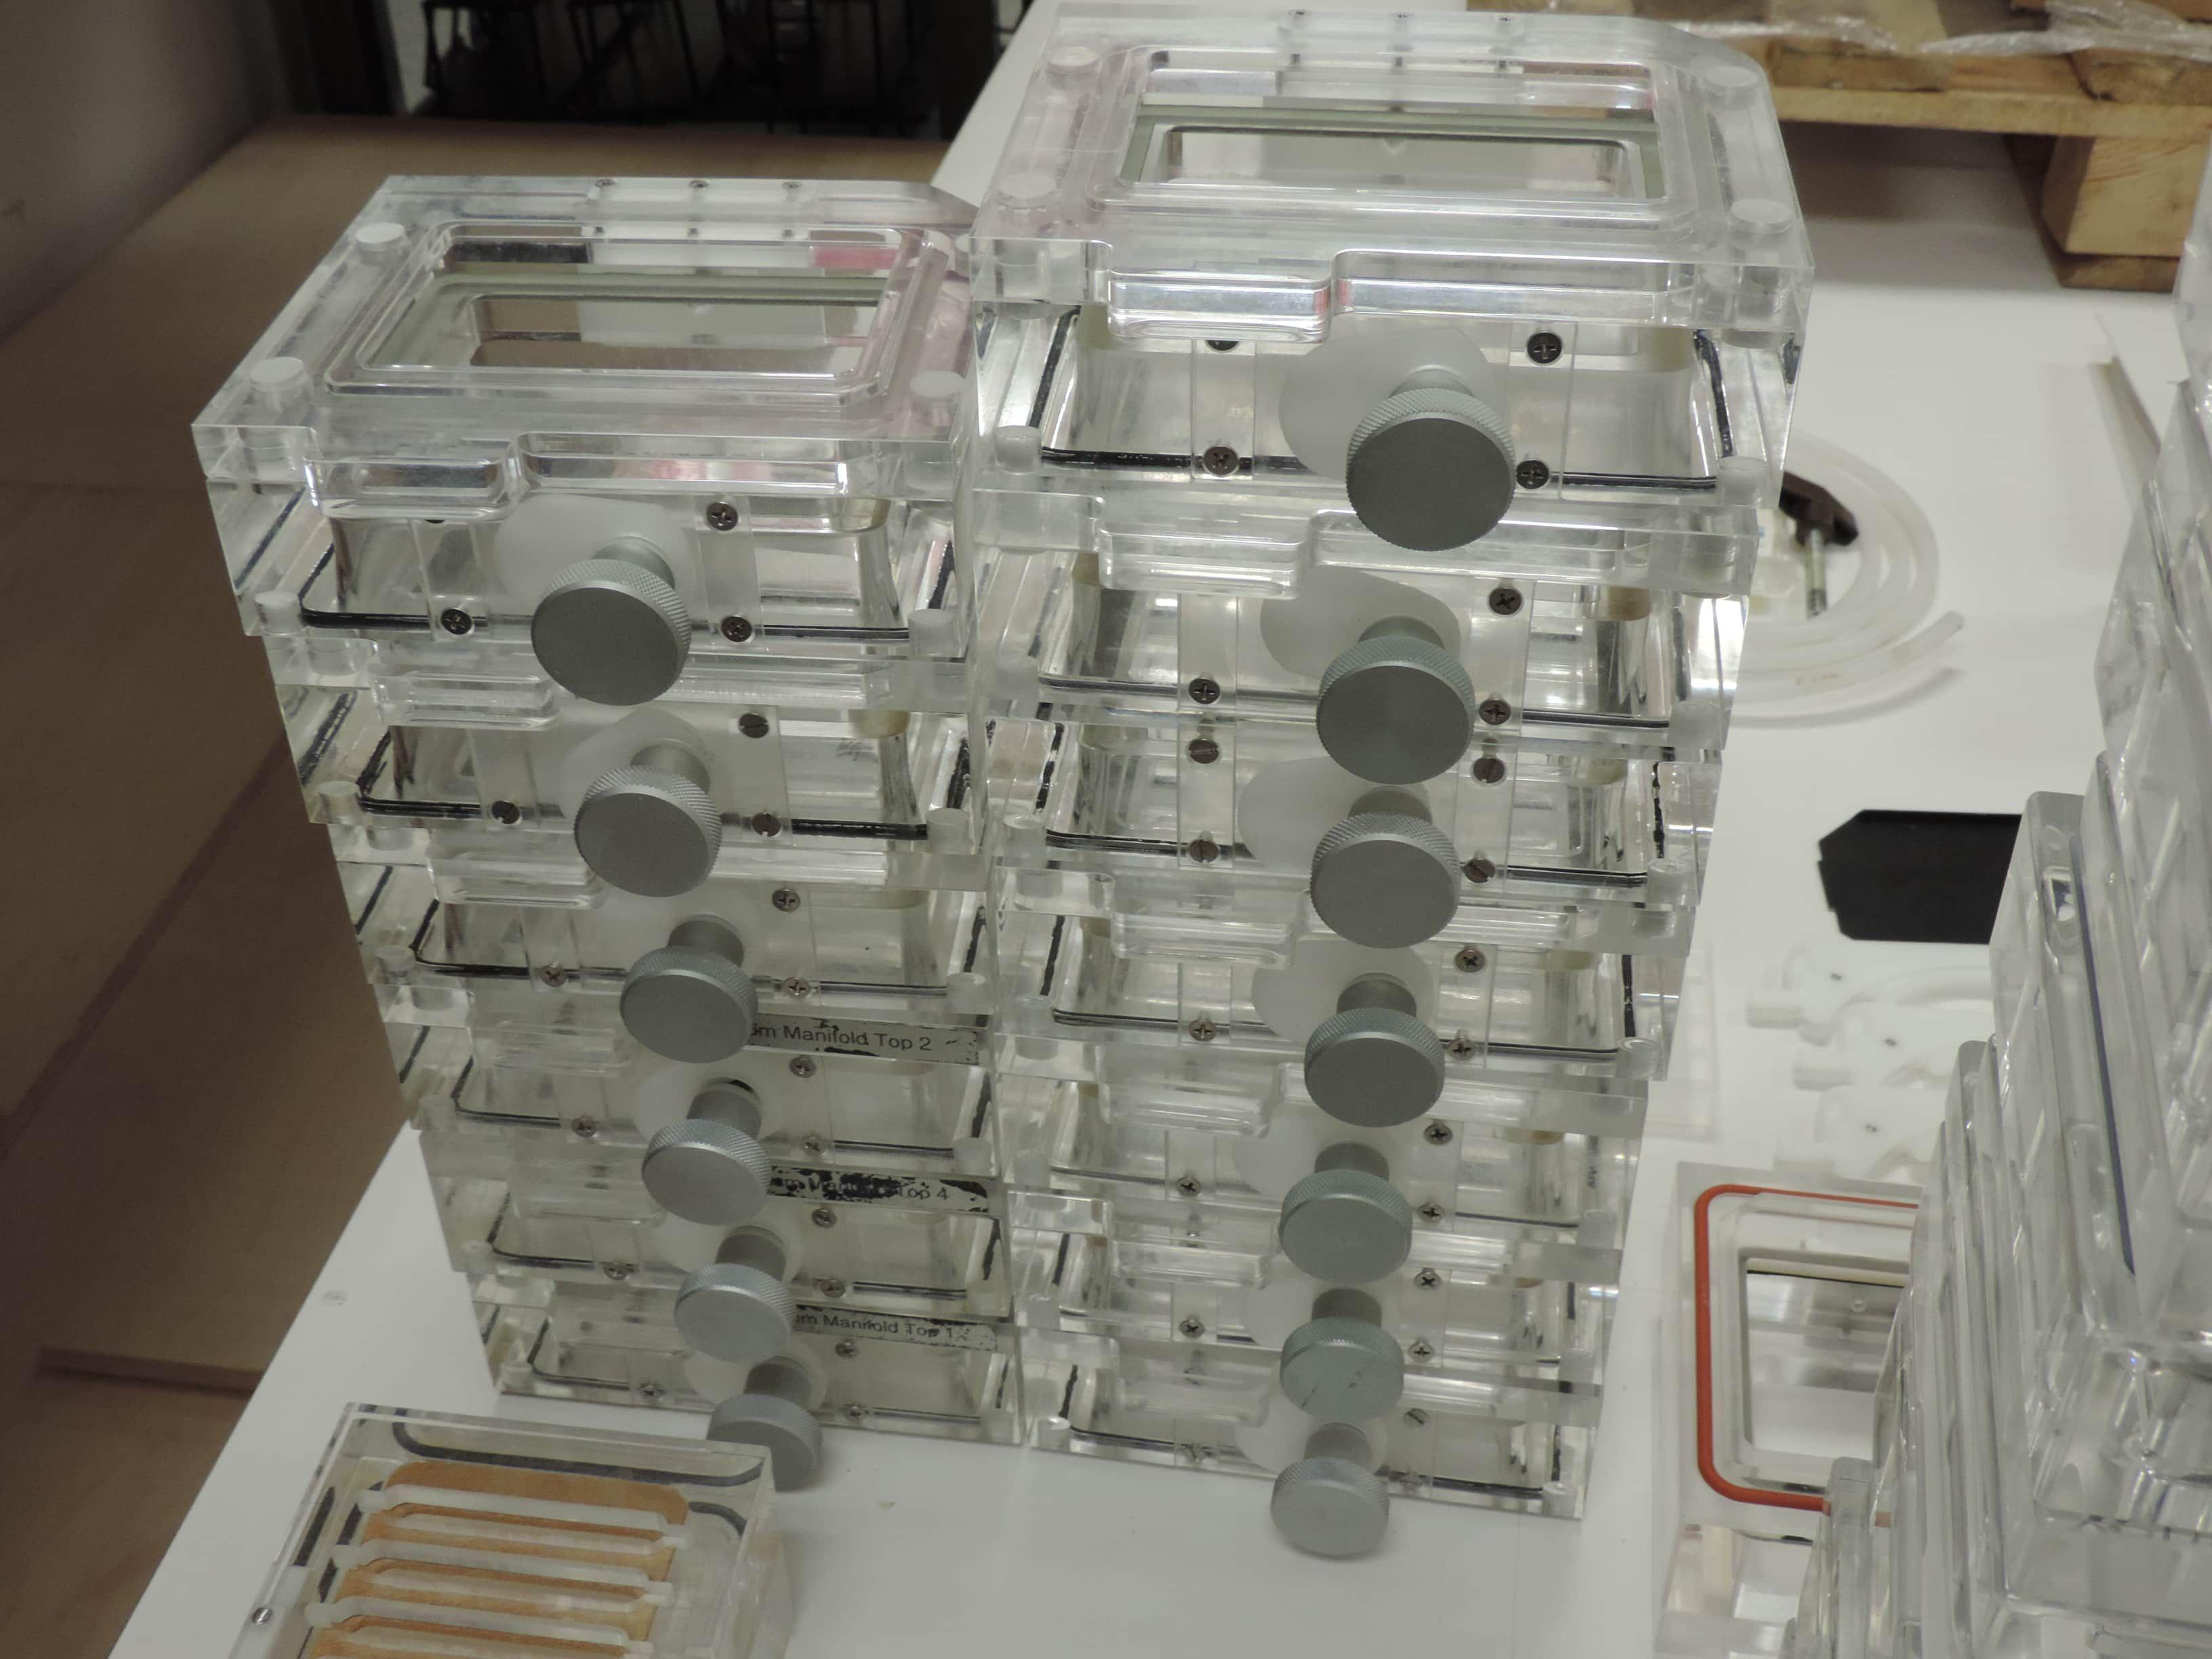 Qiagen™ BioRobot 3000® Molecular Biology Workstation